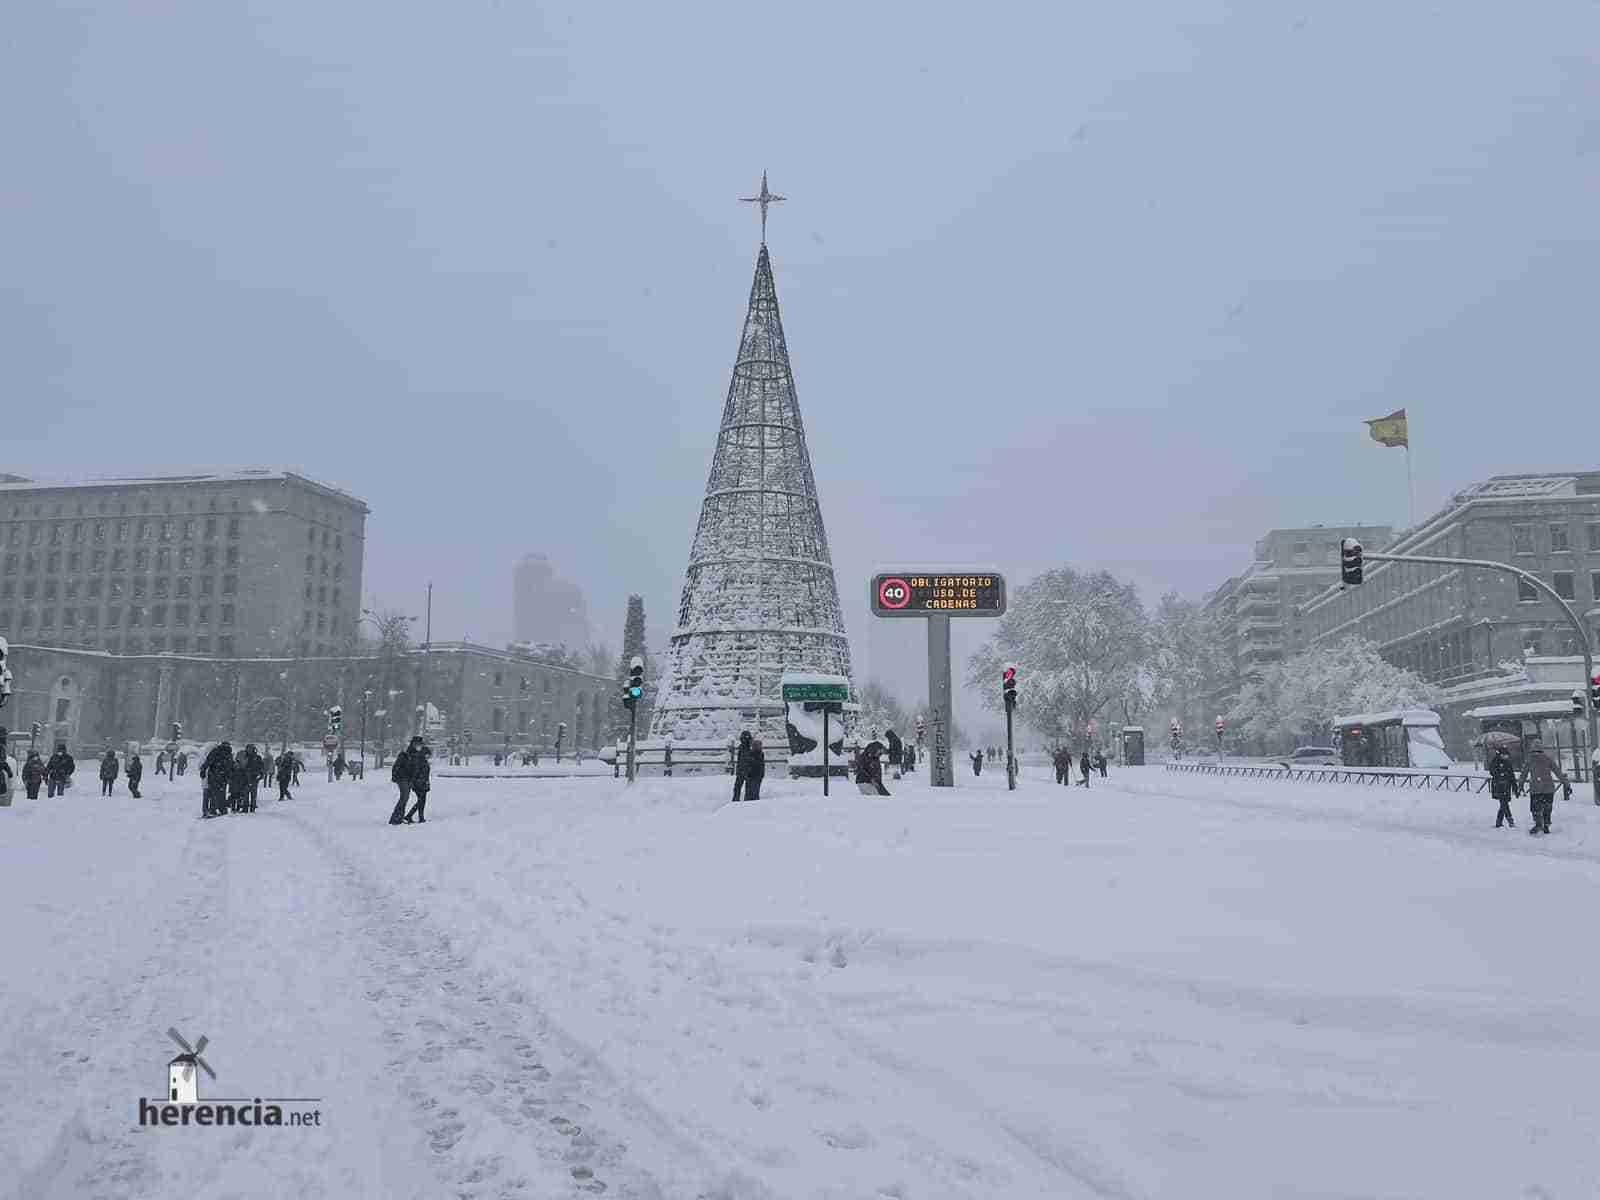 Fotografías de la nevada de enero en Madrid (España) 211